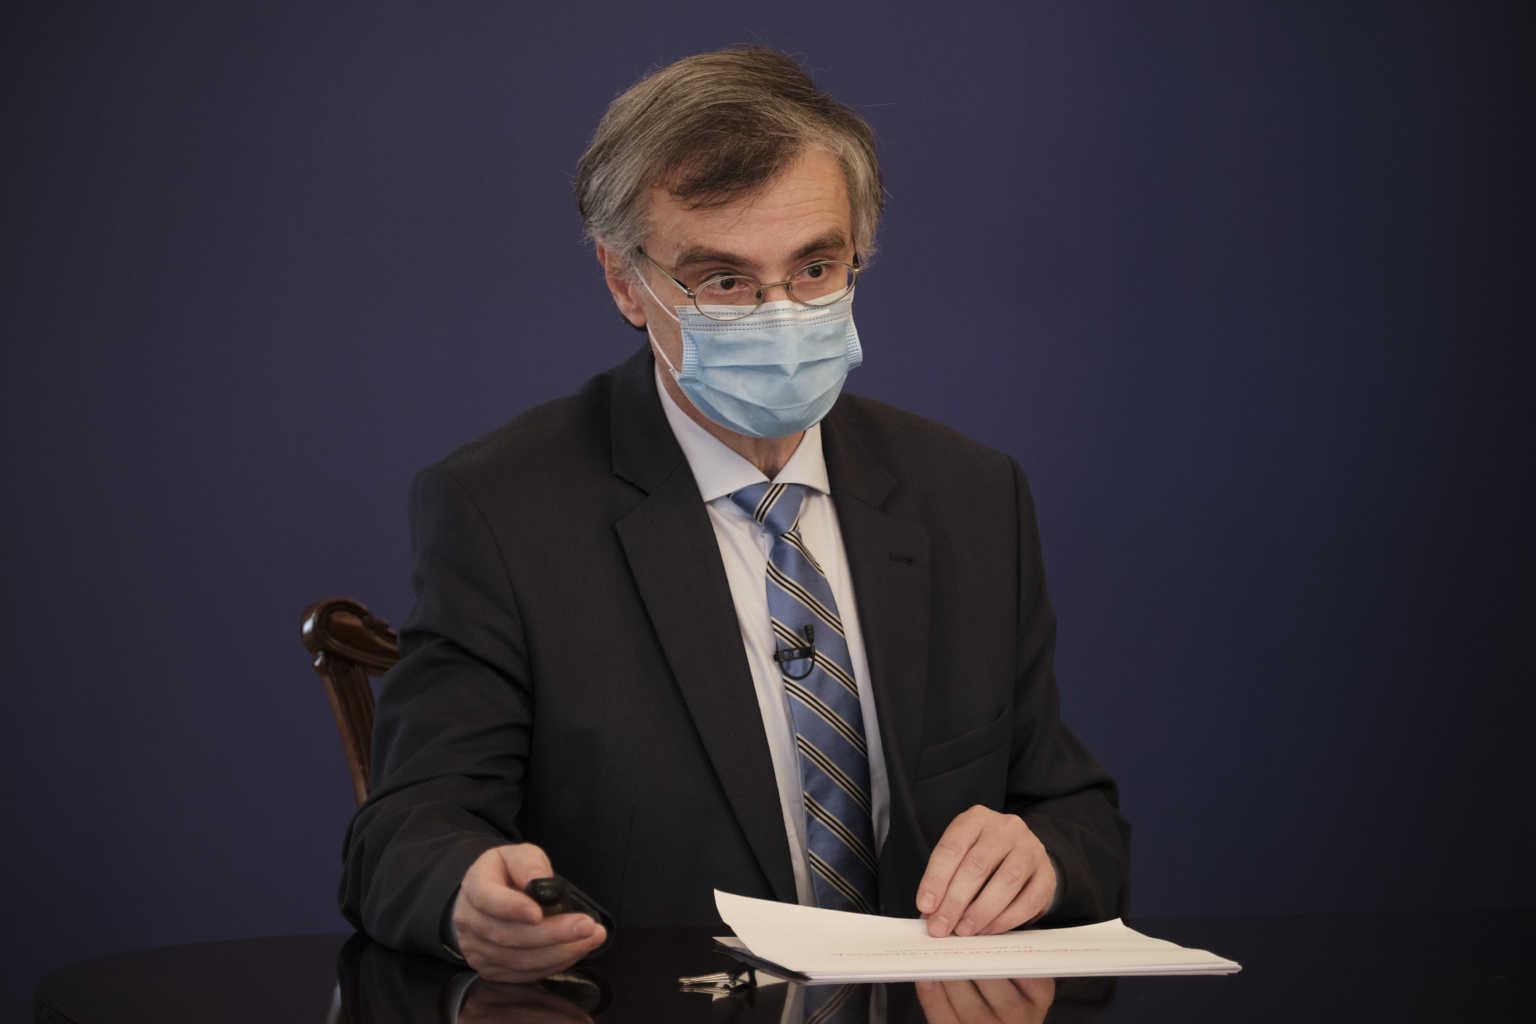 Σωτήρης Τσιόδρας από τα παλιά: Δηλώσεις στις 13:00 για τους εμβολιασμούς